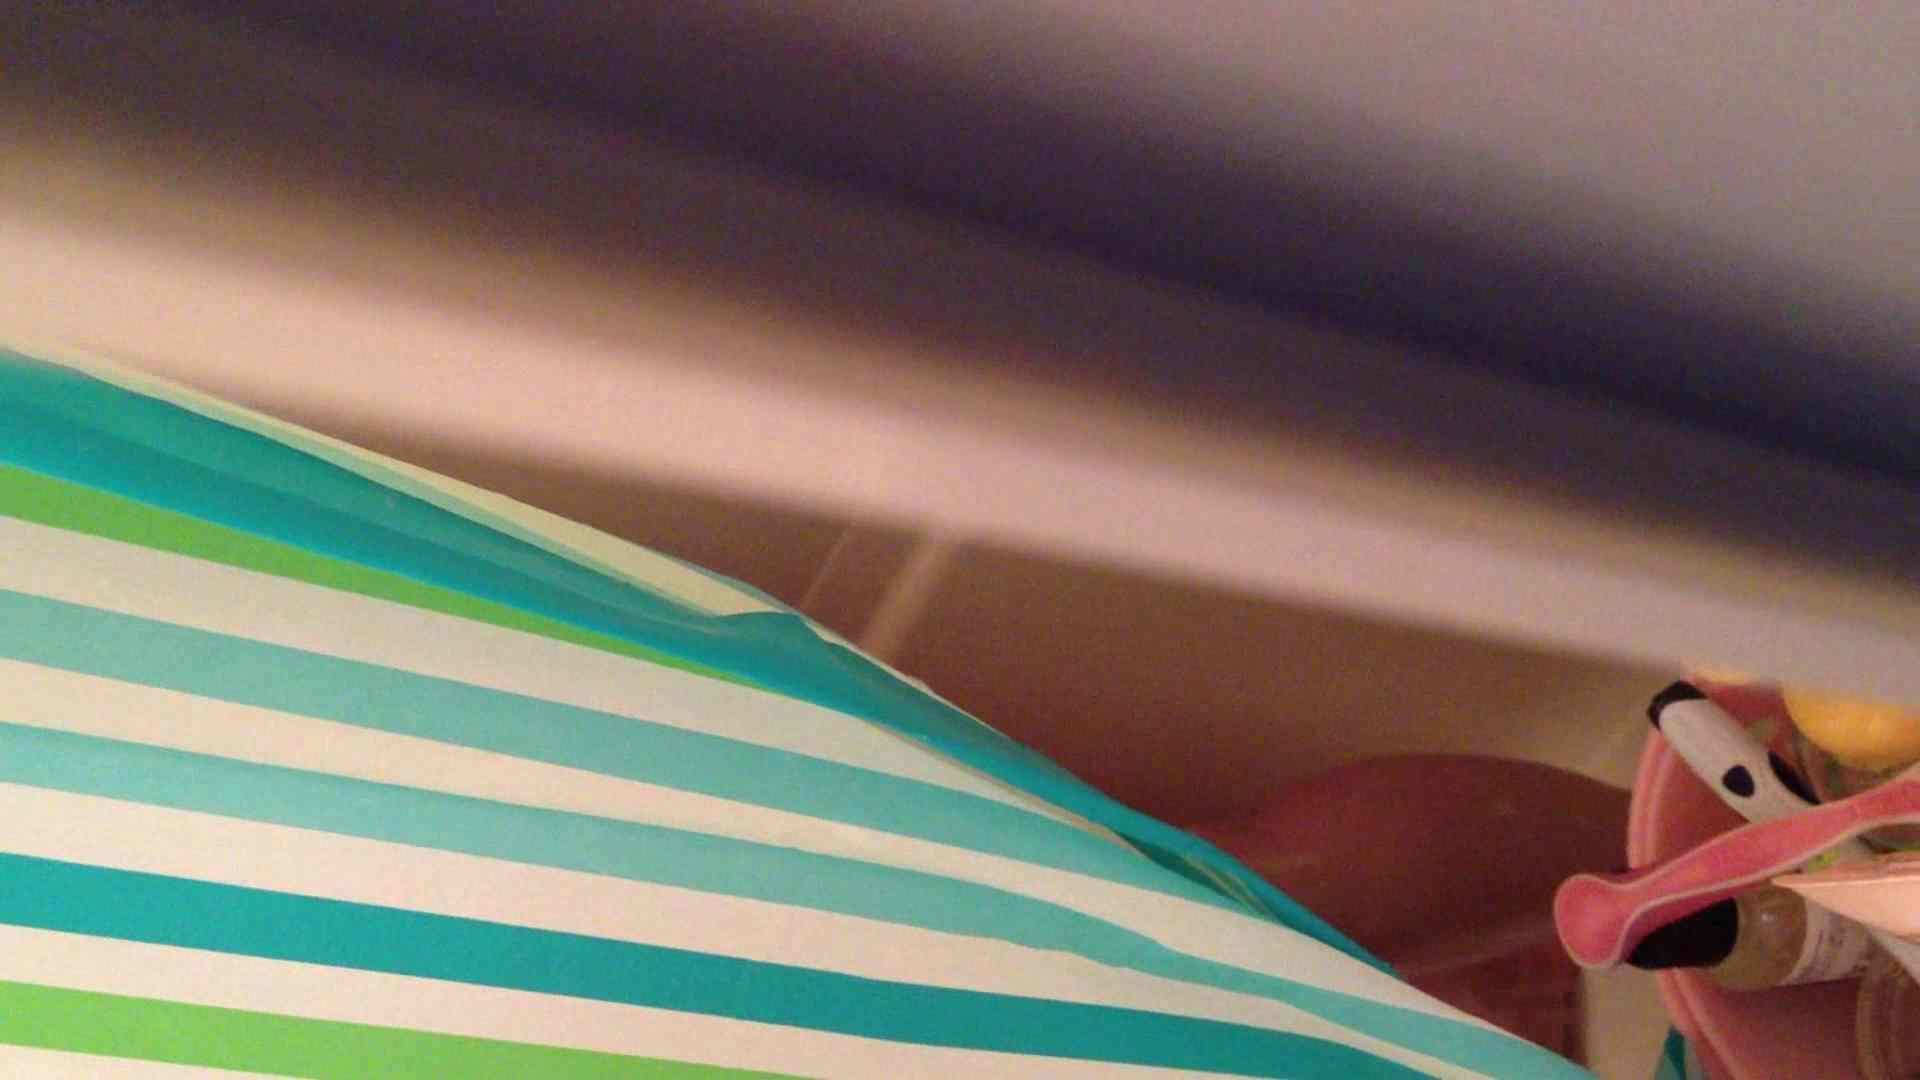 16(16日目)シャワー中にムダ毛処理をする彼女 パイパン  55PIX 26